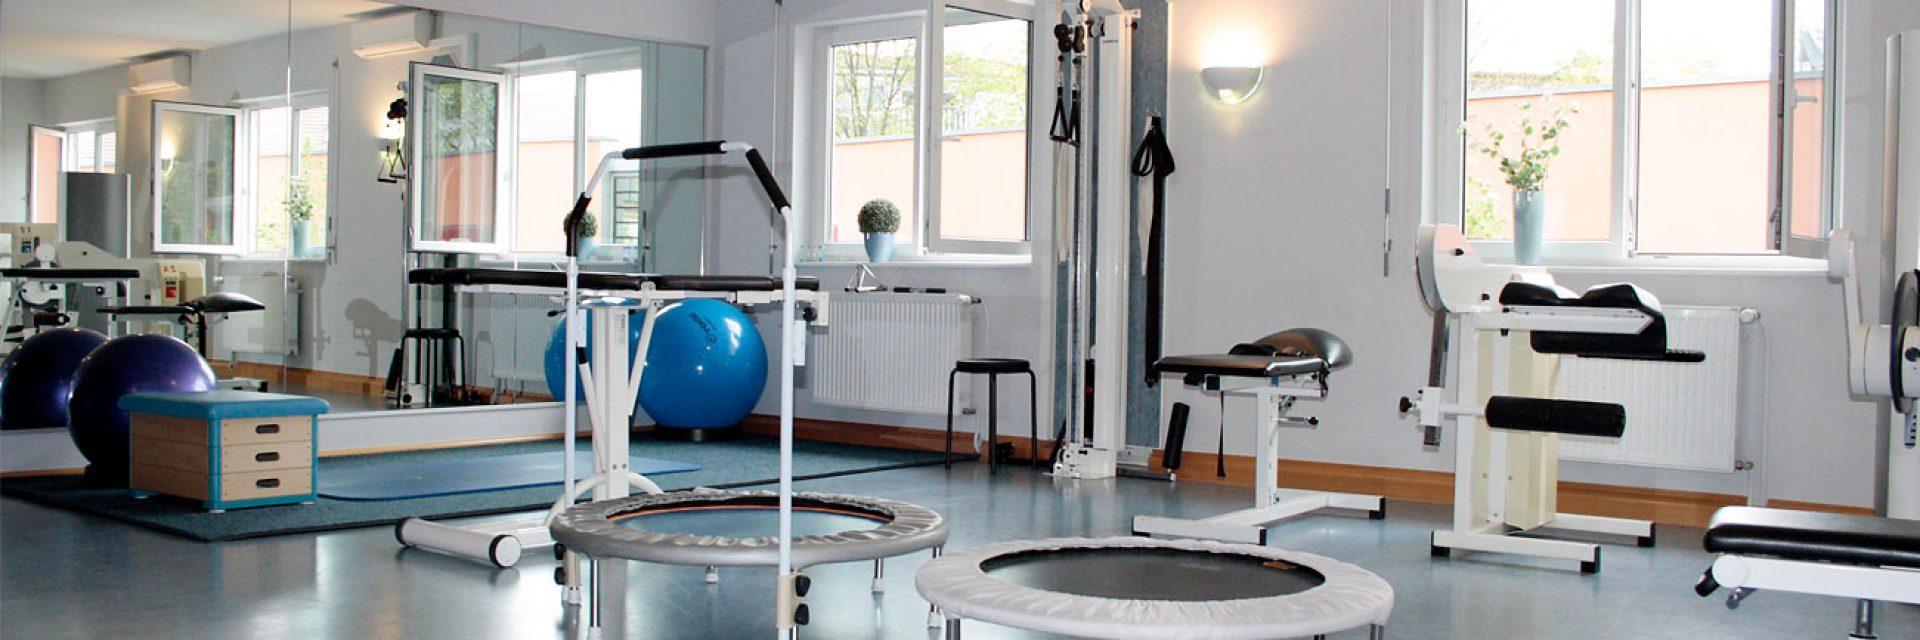 Individuelle Therapie- und Trainingspläne erstellen wir auf der Basis eines ausführlichen physiotherapeutischen Befundes.